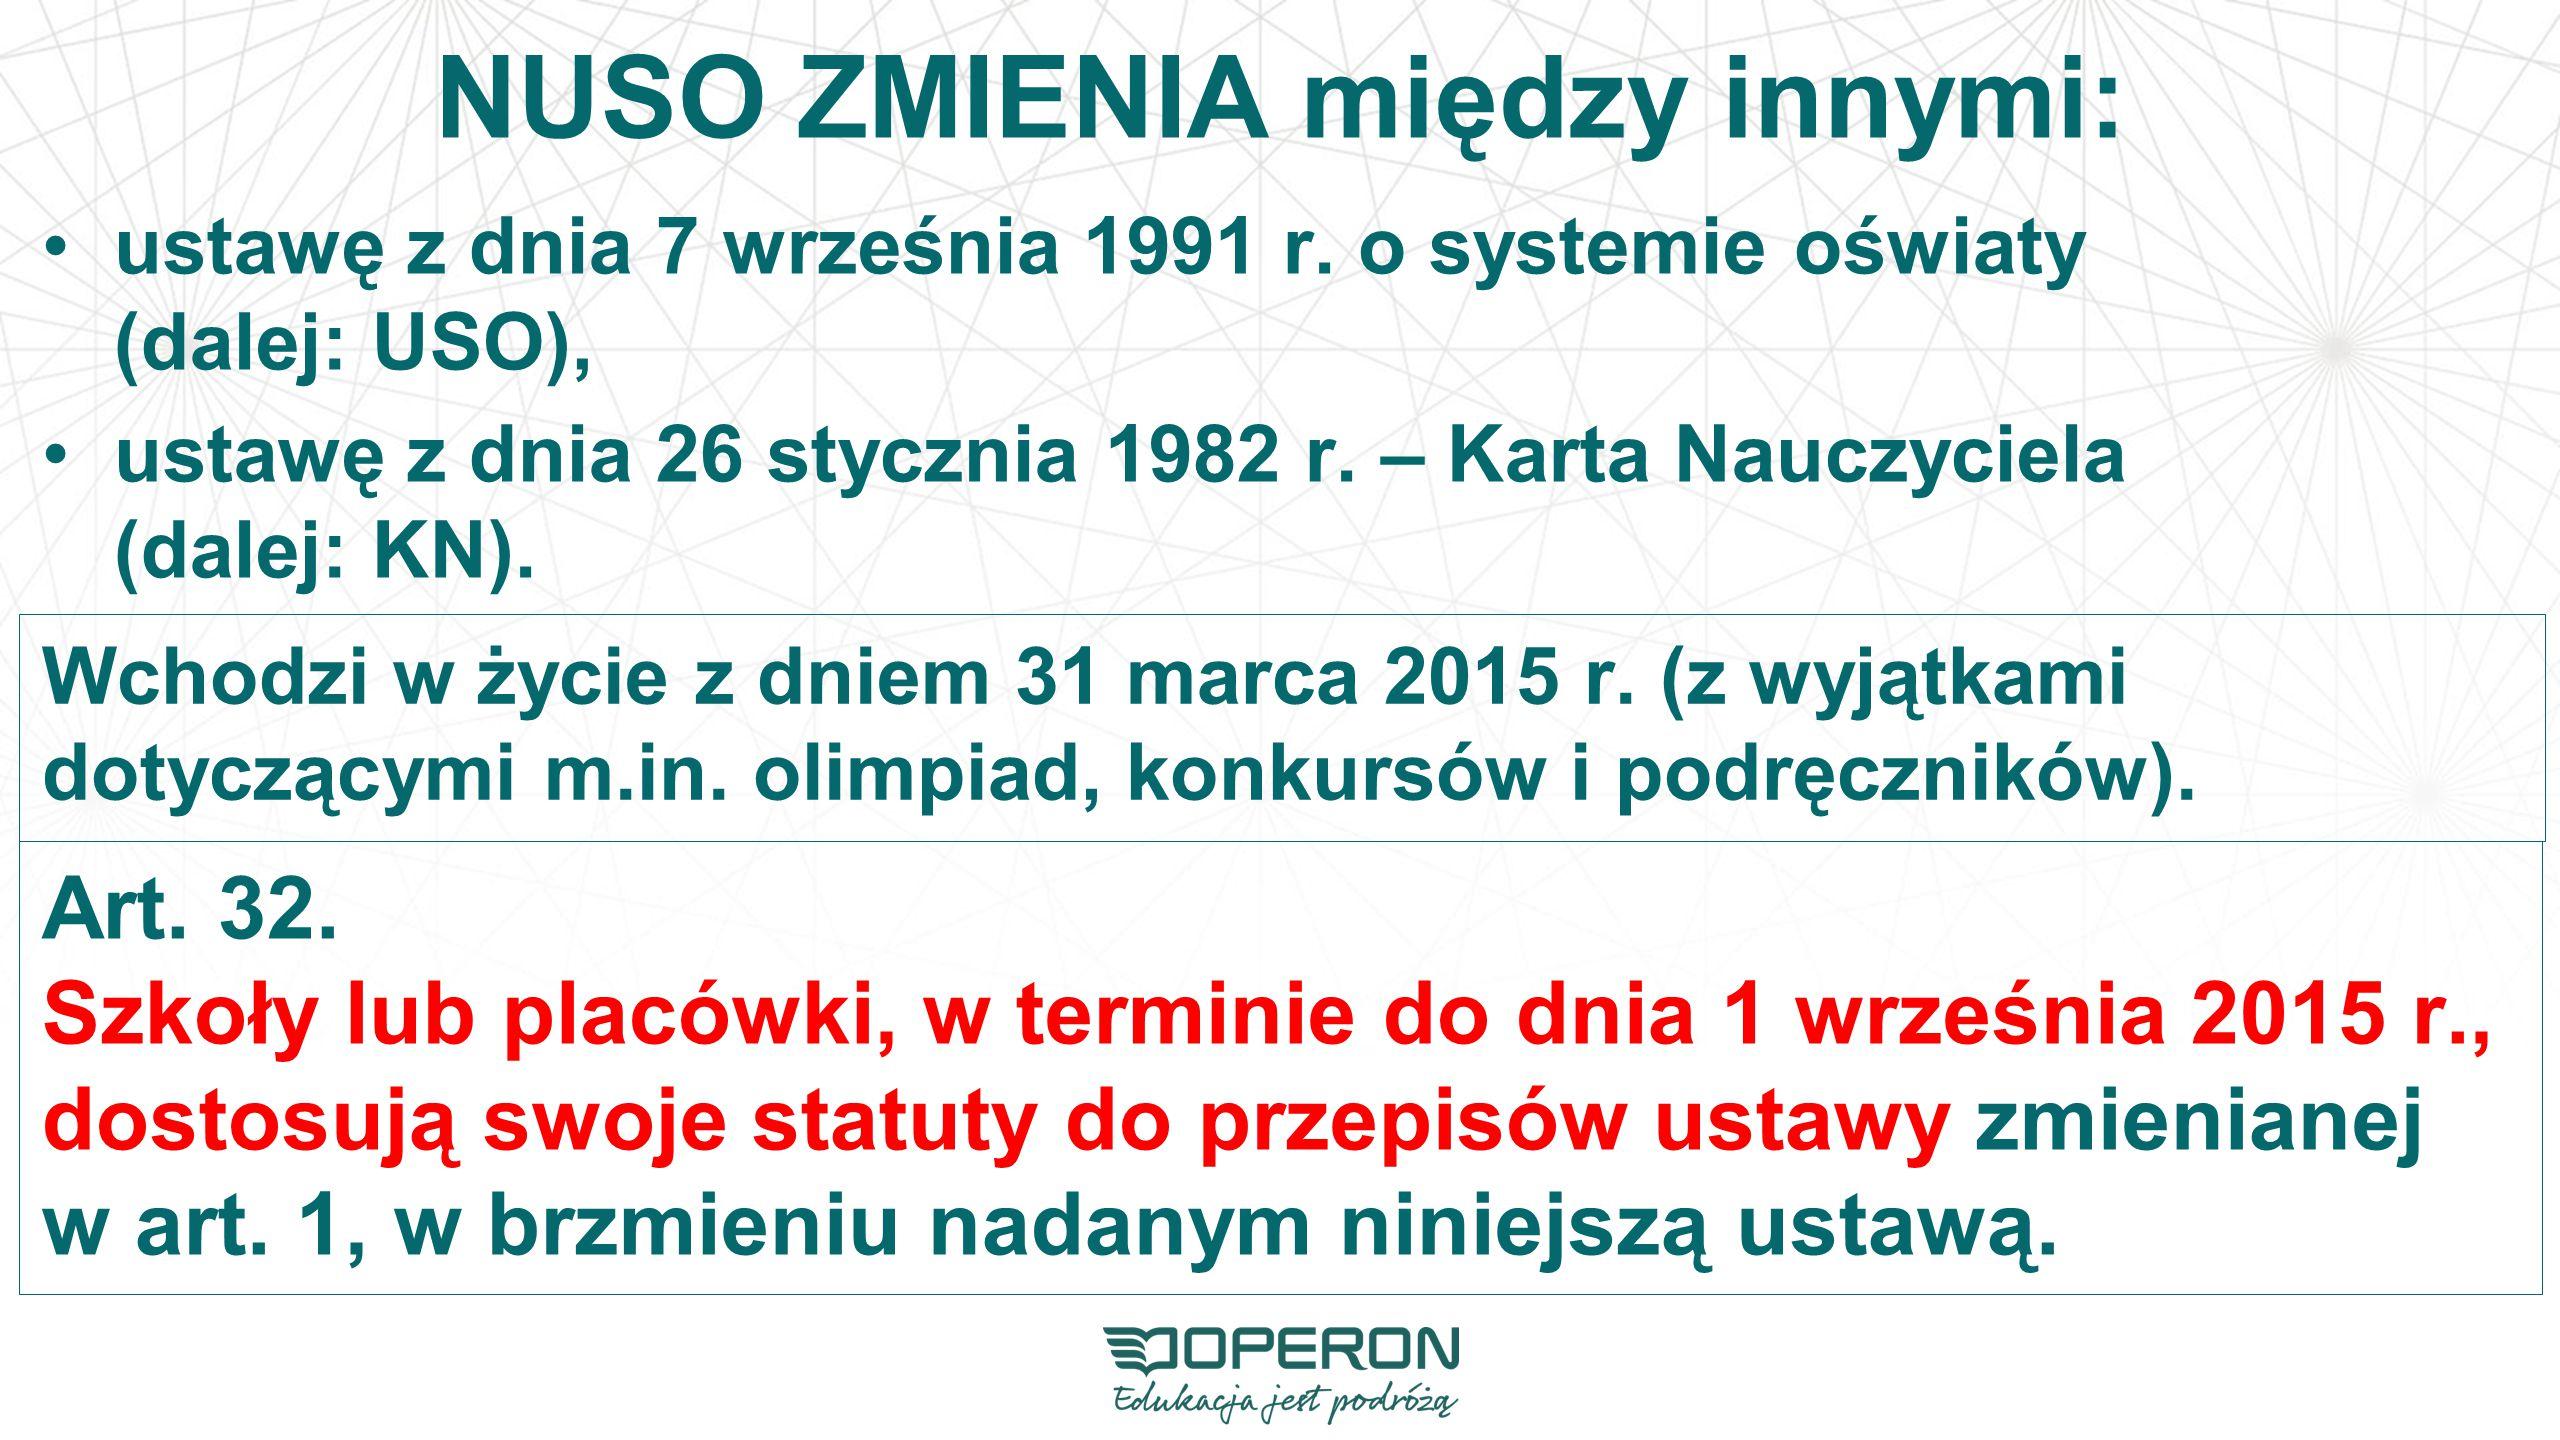 NUSO ZMIENIA między innymi: ustawę z dnia 7 września 1991 r.